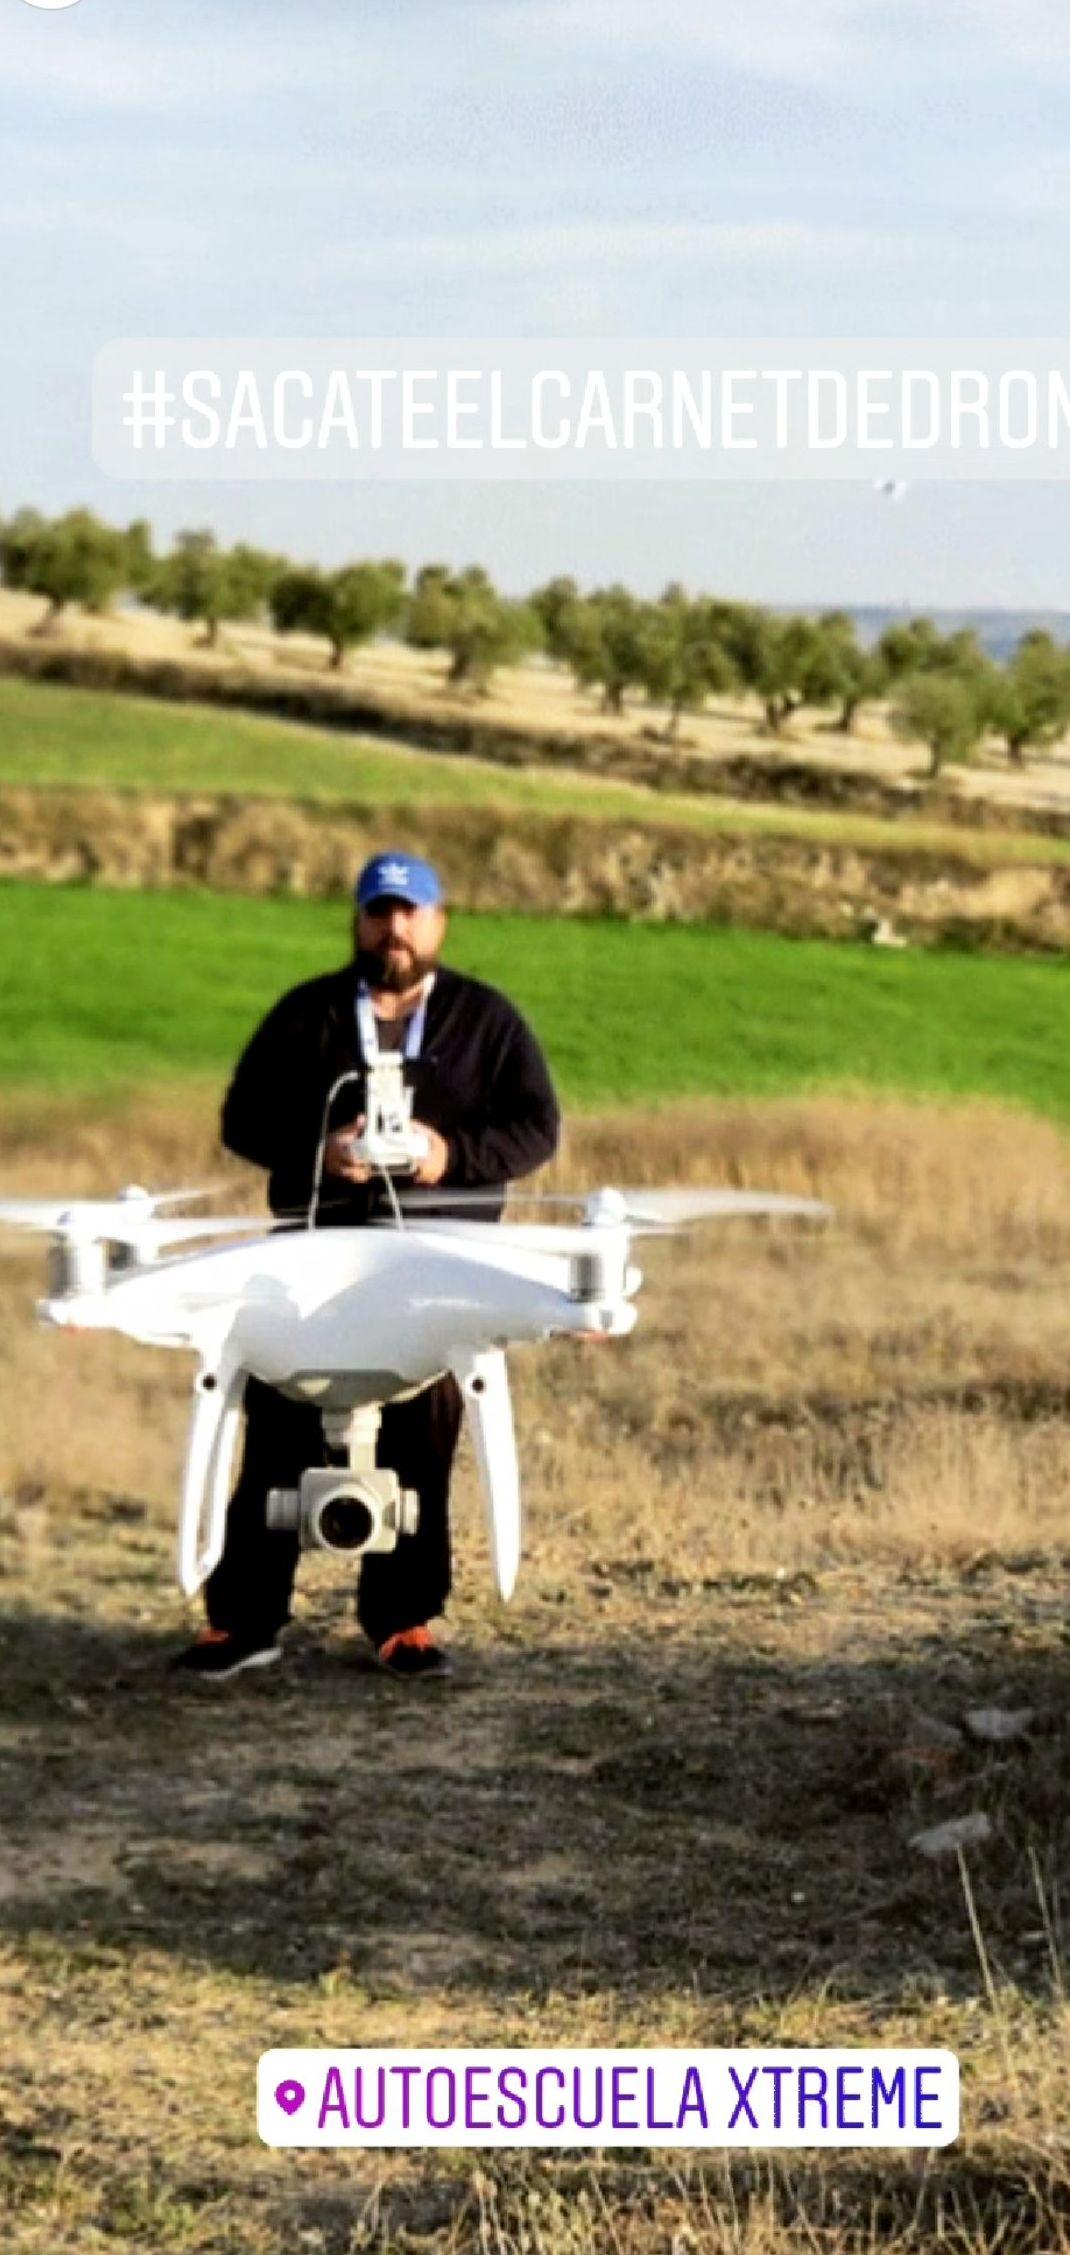 Carnet de drones en Madrid centro